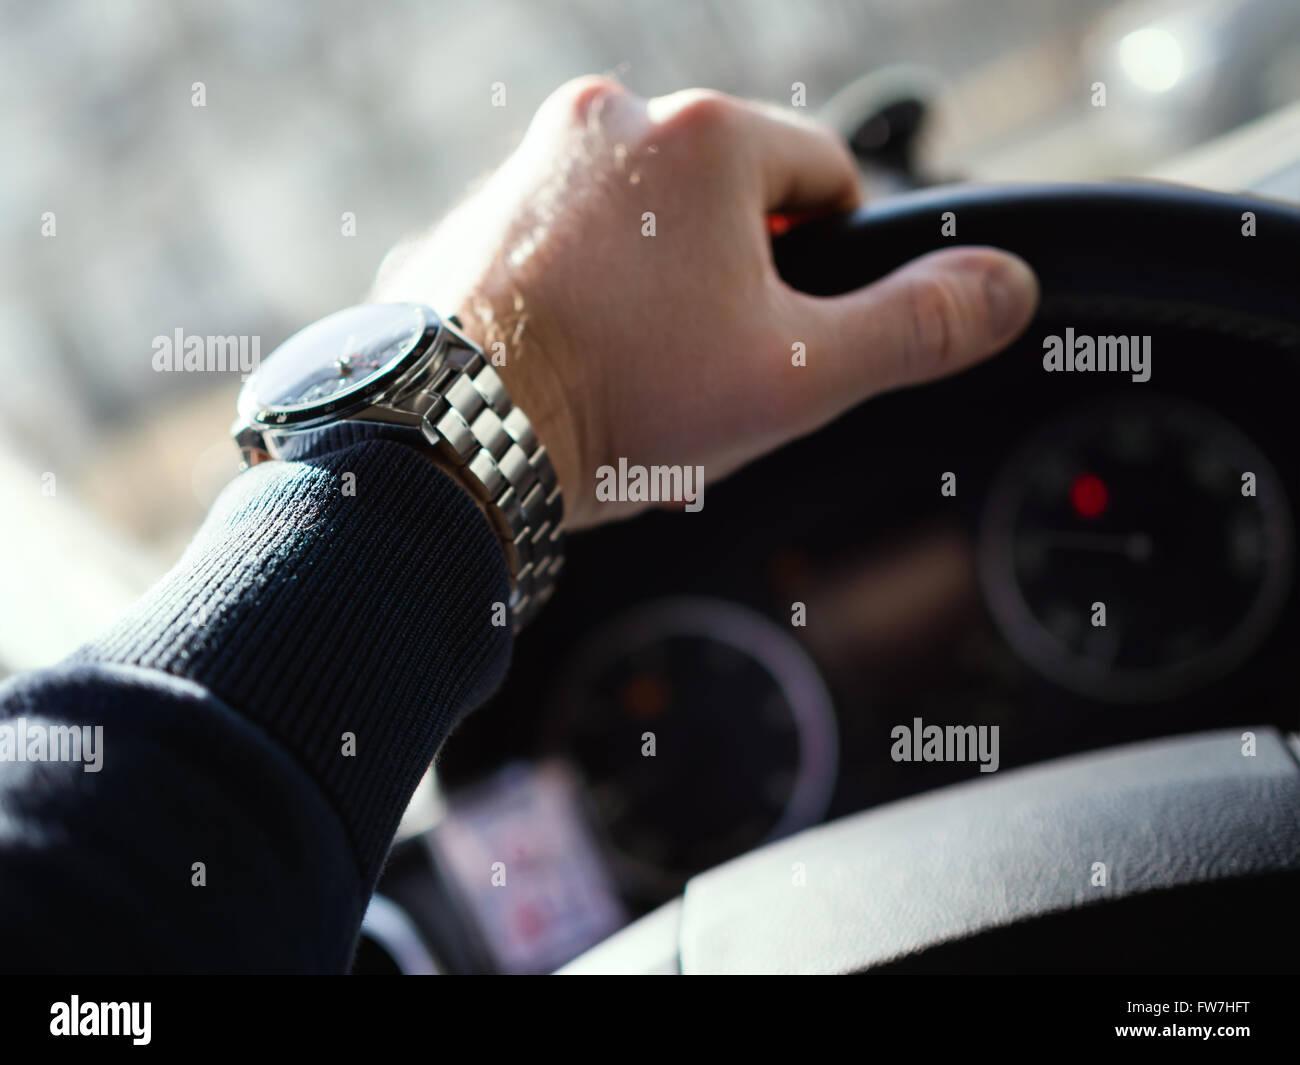 Close-up di uomo di mano sul volante. Profondità di campo. Immagini Stock